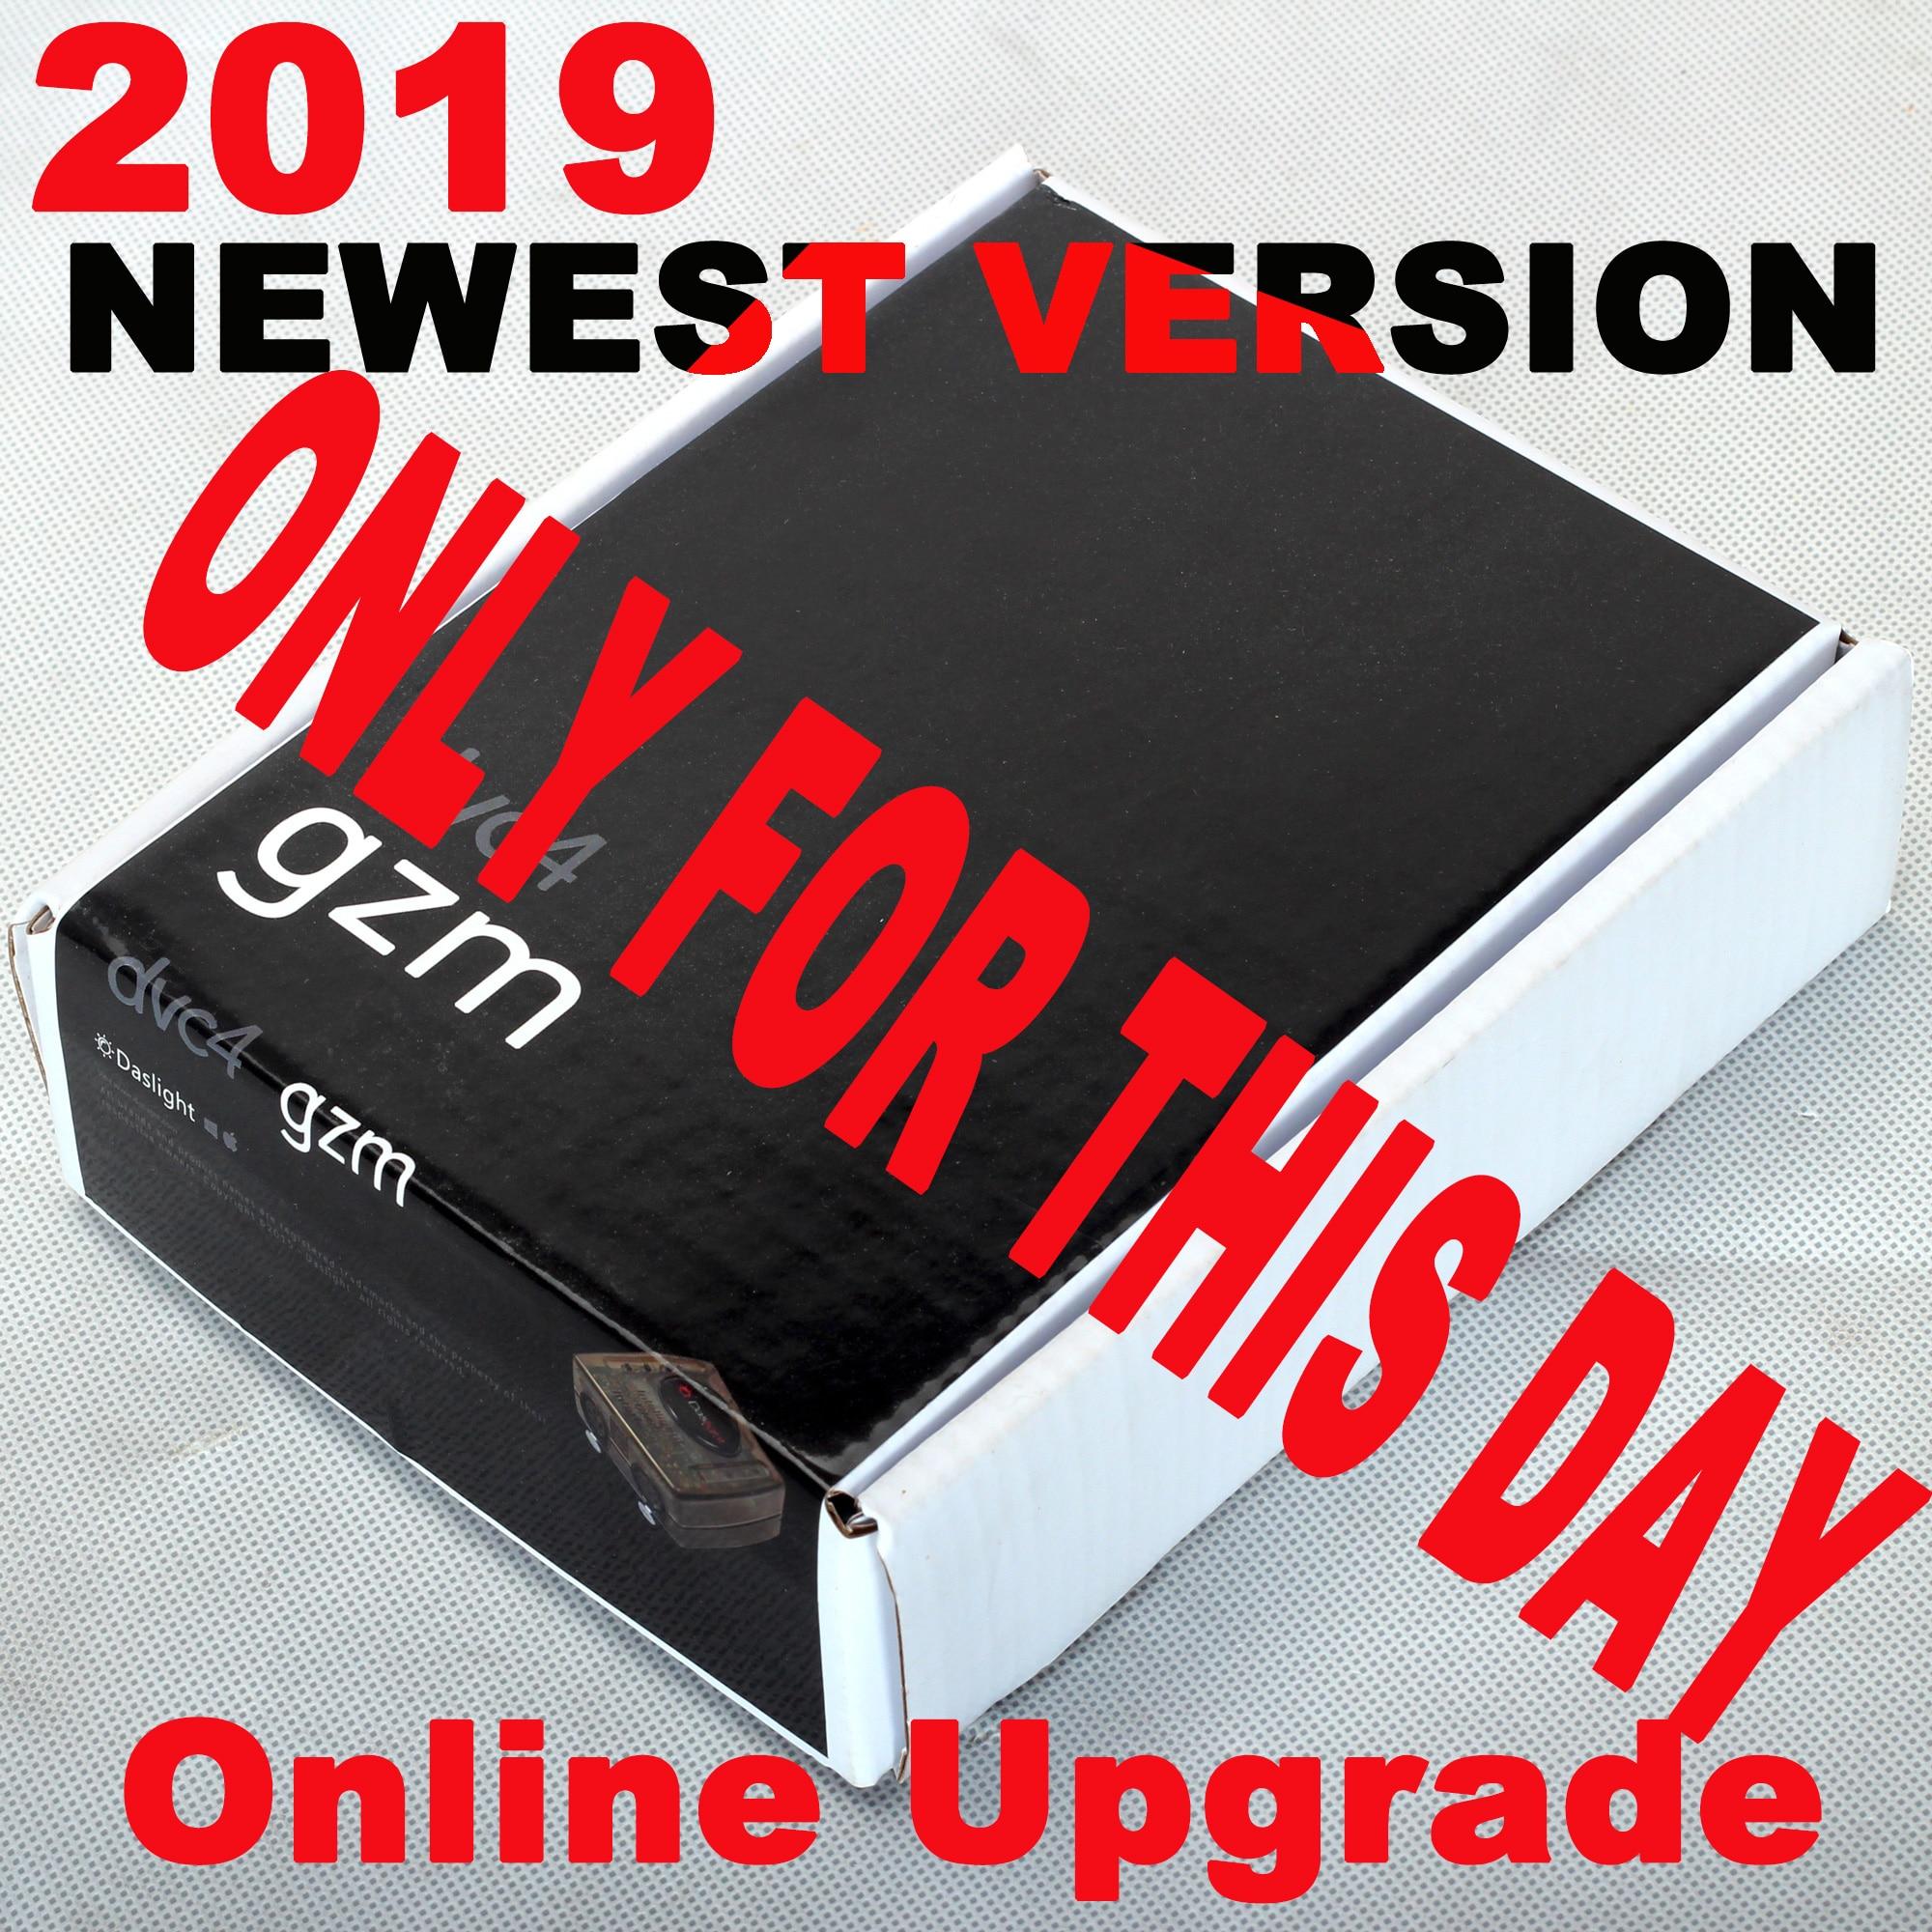 2019 Version Daslight Dvc 4 Gzm De Scène Professionnel Logiciel de Contrôle Contrôleur 1024 Interface Dmx Usb DMX512 contrôleur